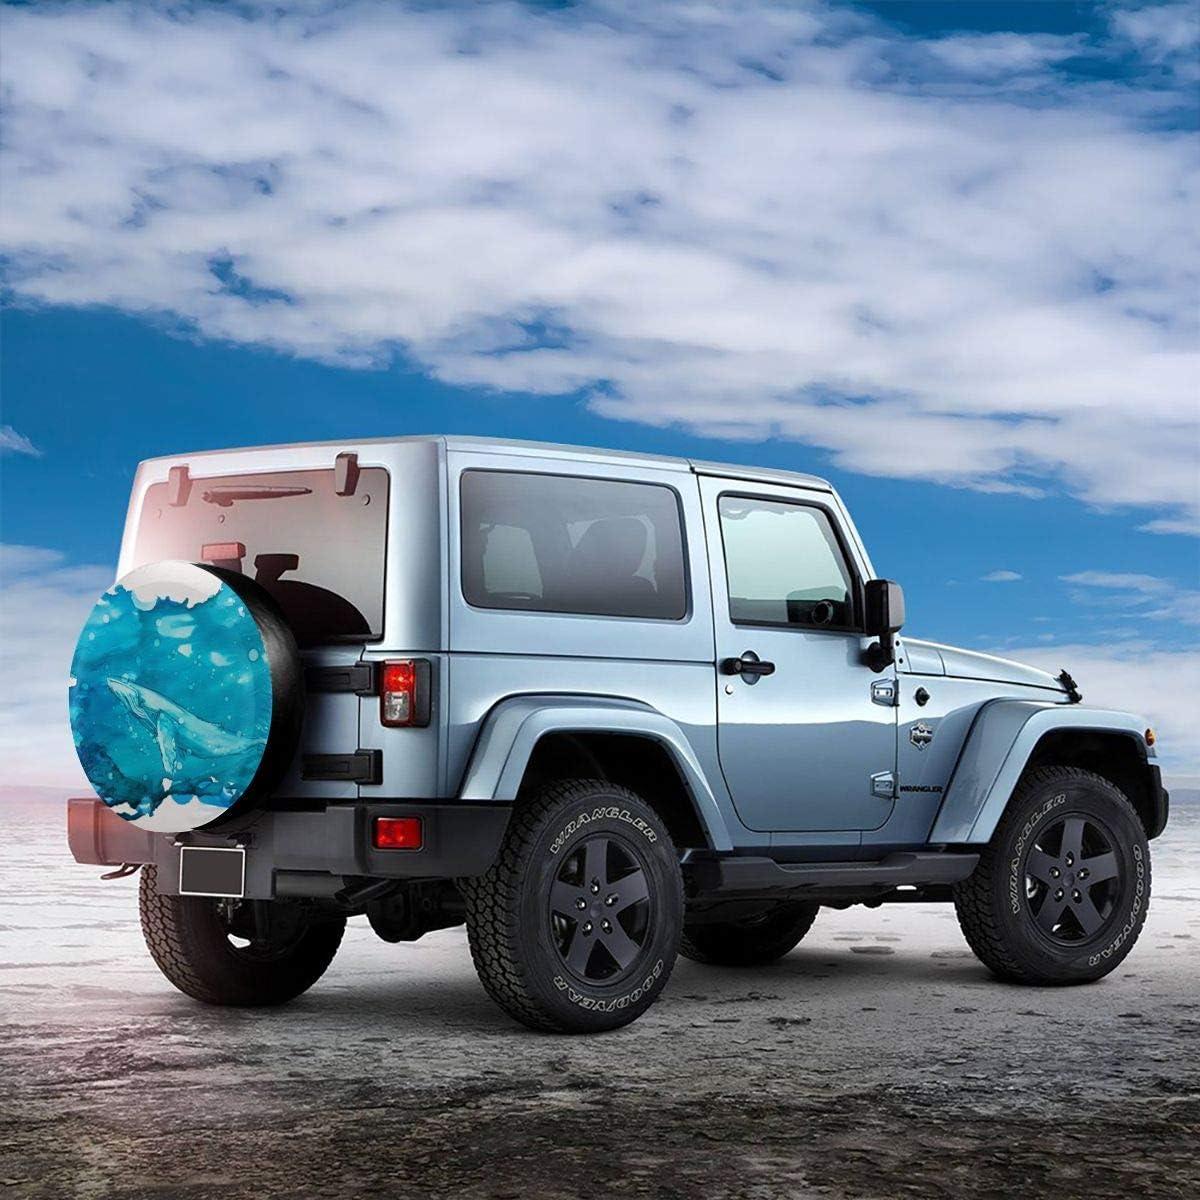 VTIUA Abstract Blue Alcohol Ink Polyester Universal Dust-Proof Universal Ersatzreifen Rad Weiche Abdeckung Besch/ützer Weatherproof for Jeep//Trailer//RV//SUV 14 15 16 17